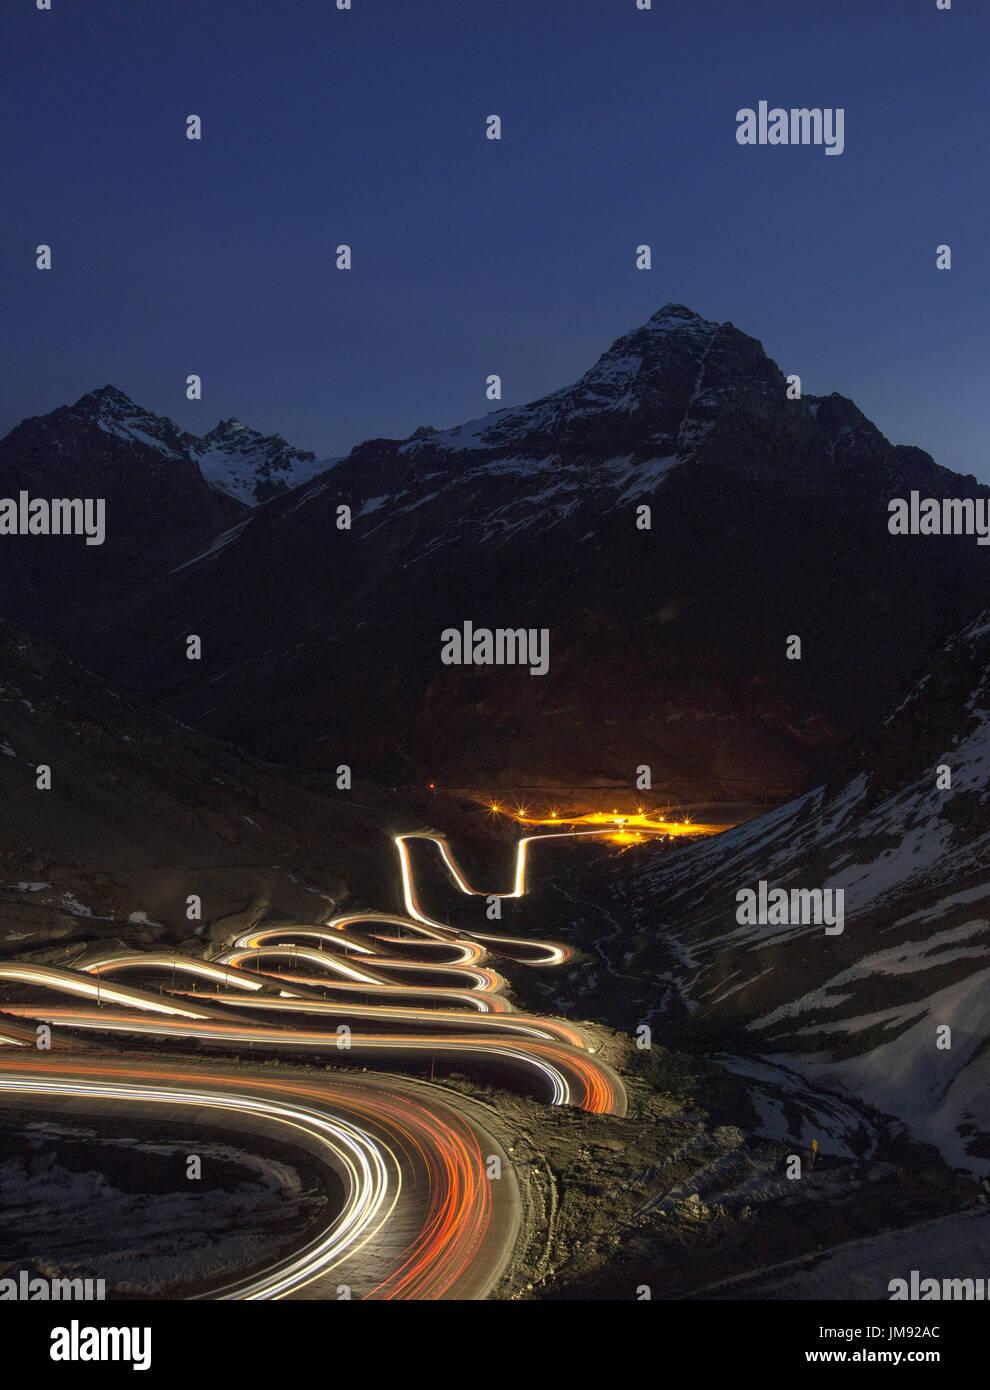 Veicolo sentieri di luce sulla cuesta caracoles los Andes, la strada per la localita' sciistica di Portillo e il confine Argentino: una delle strade più pericolose in Immagini Stock